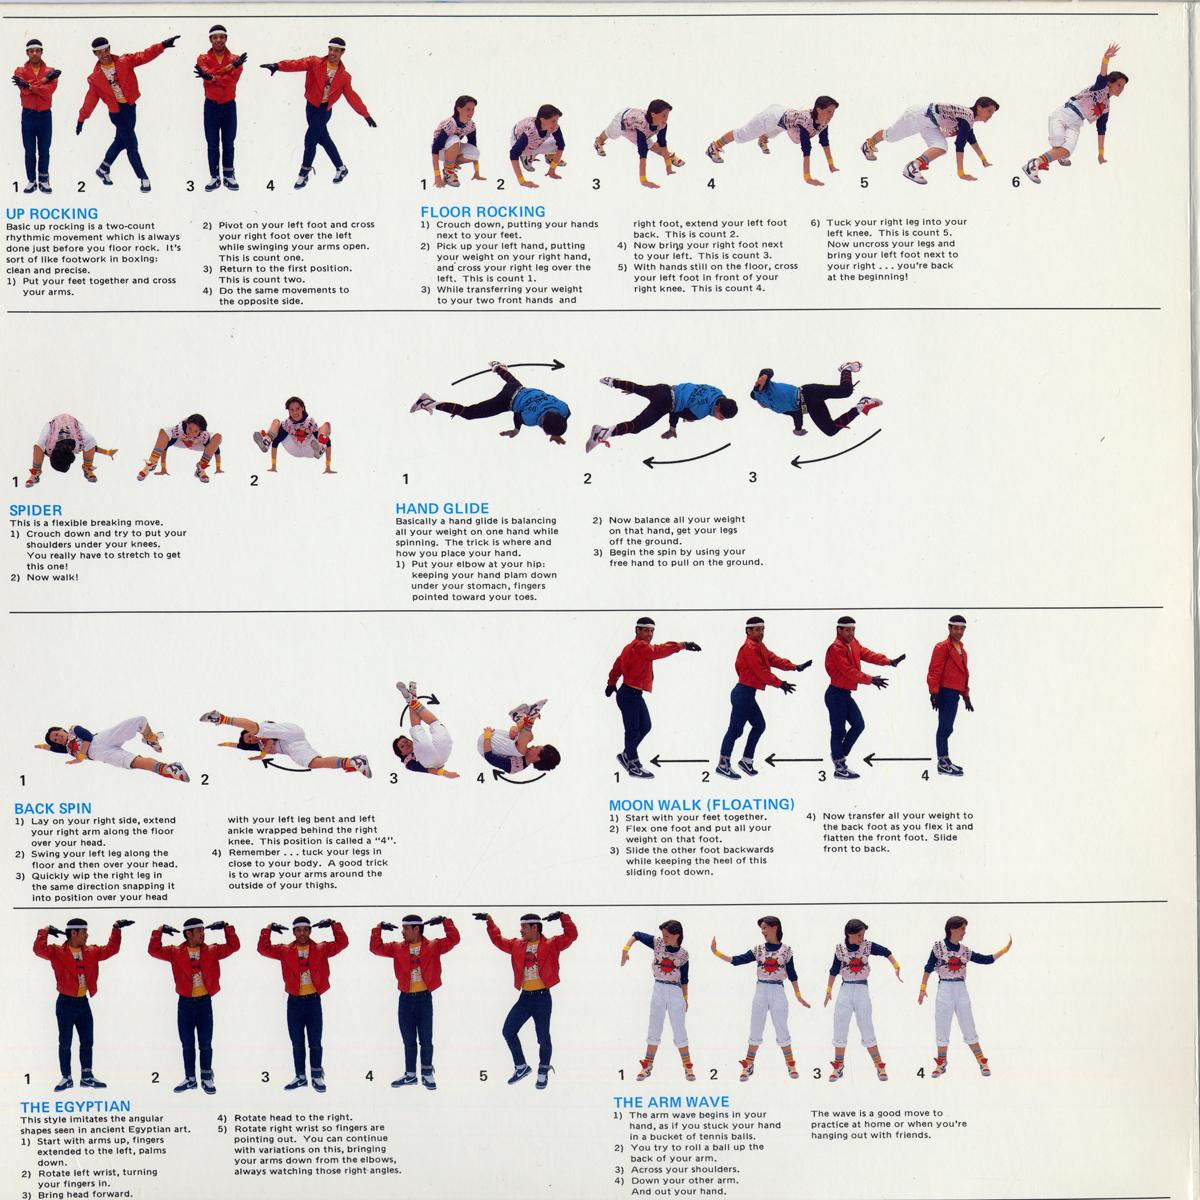 break-dance-moves-chart-1